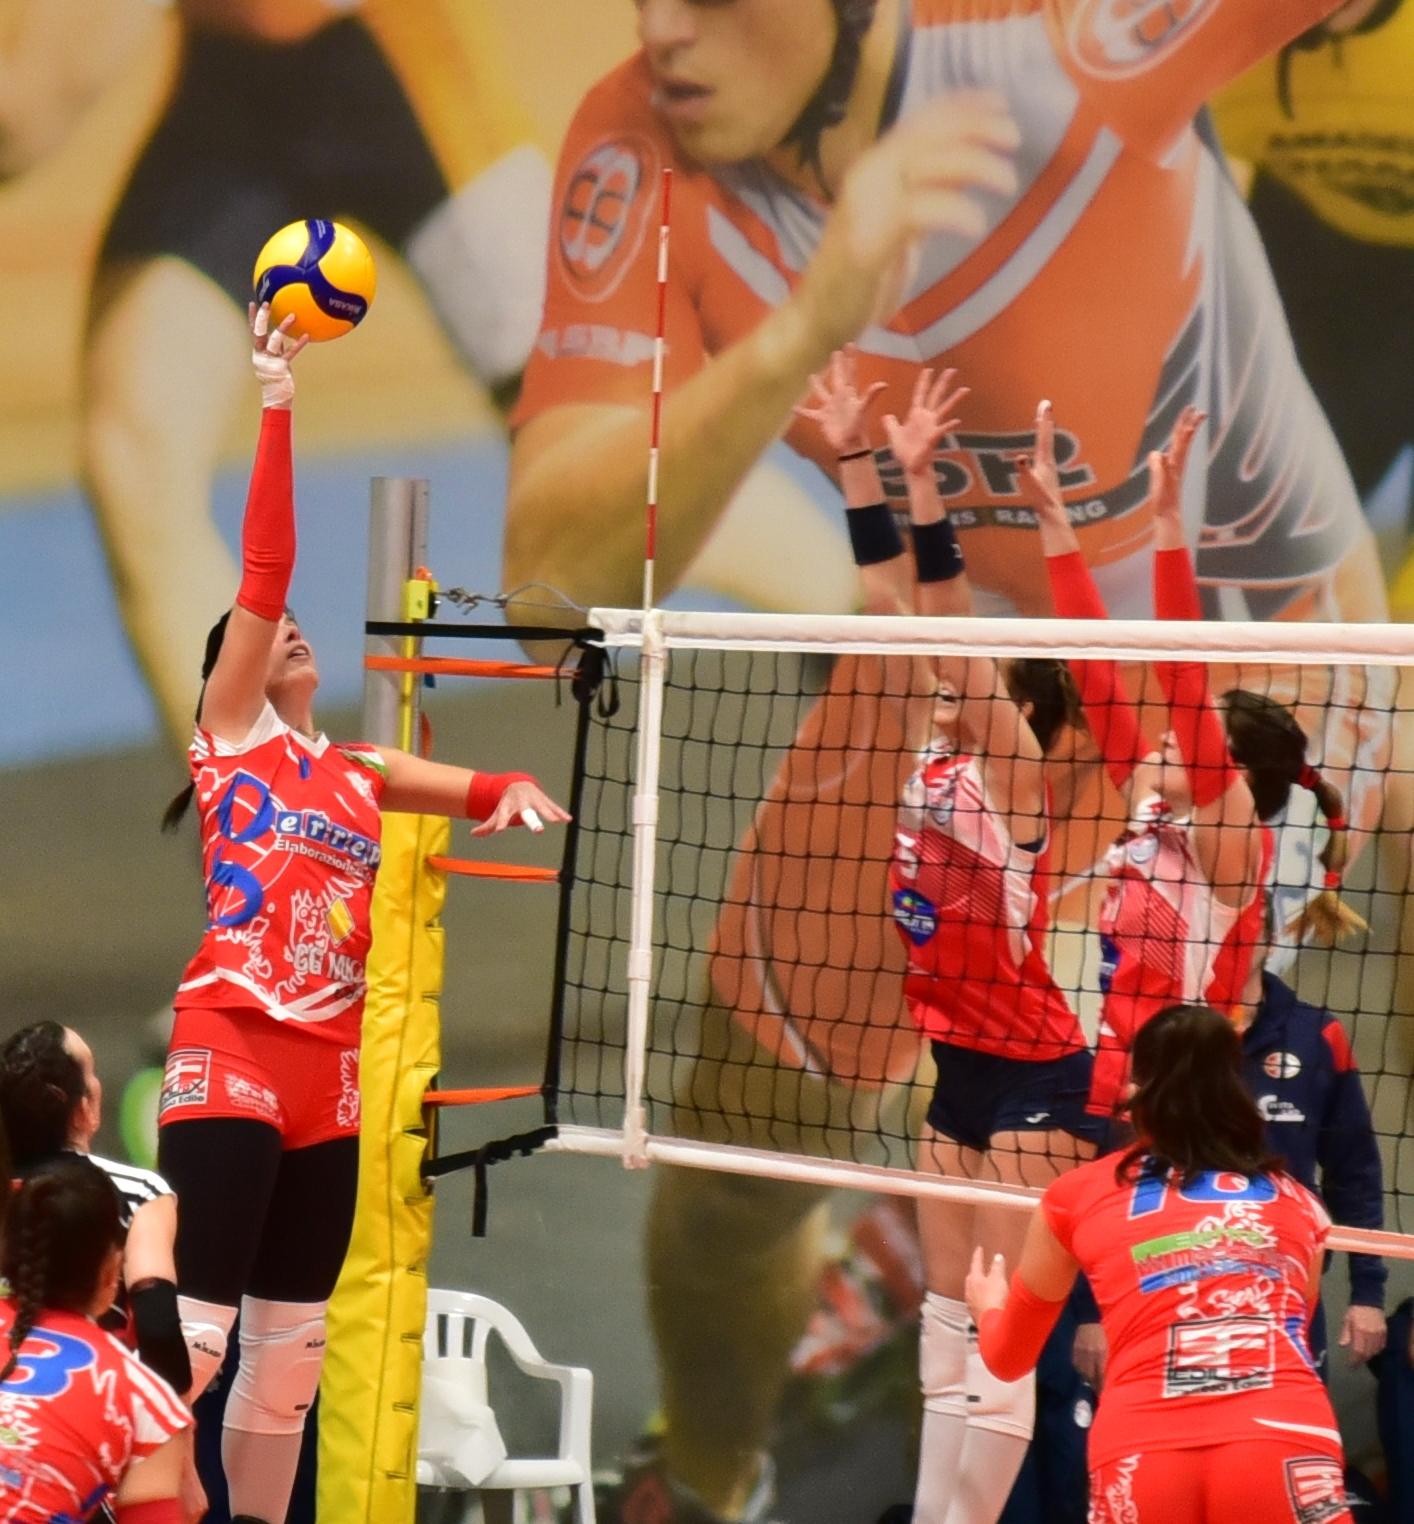 grosseto-volley-school-azione-di-gioco